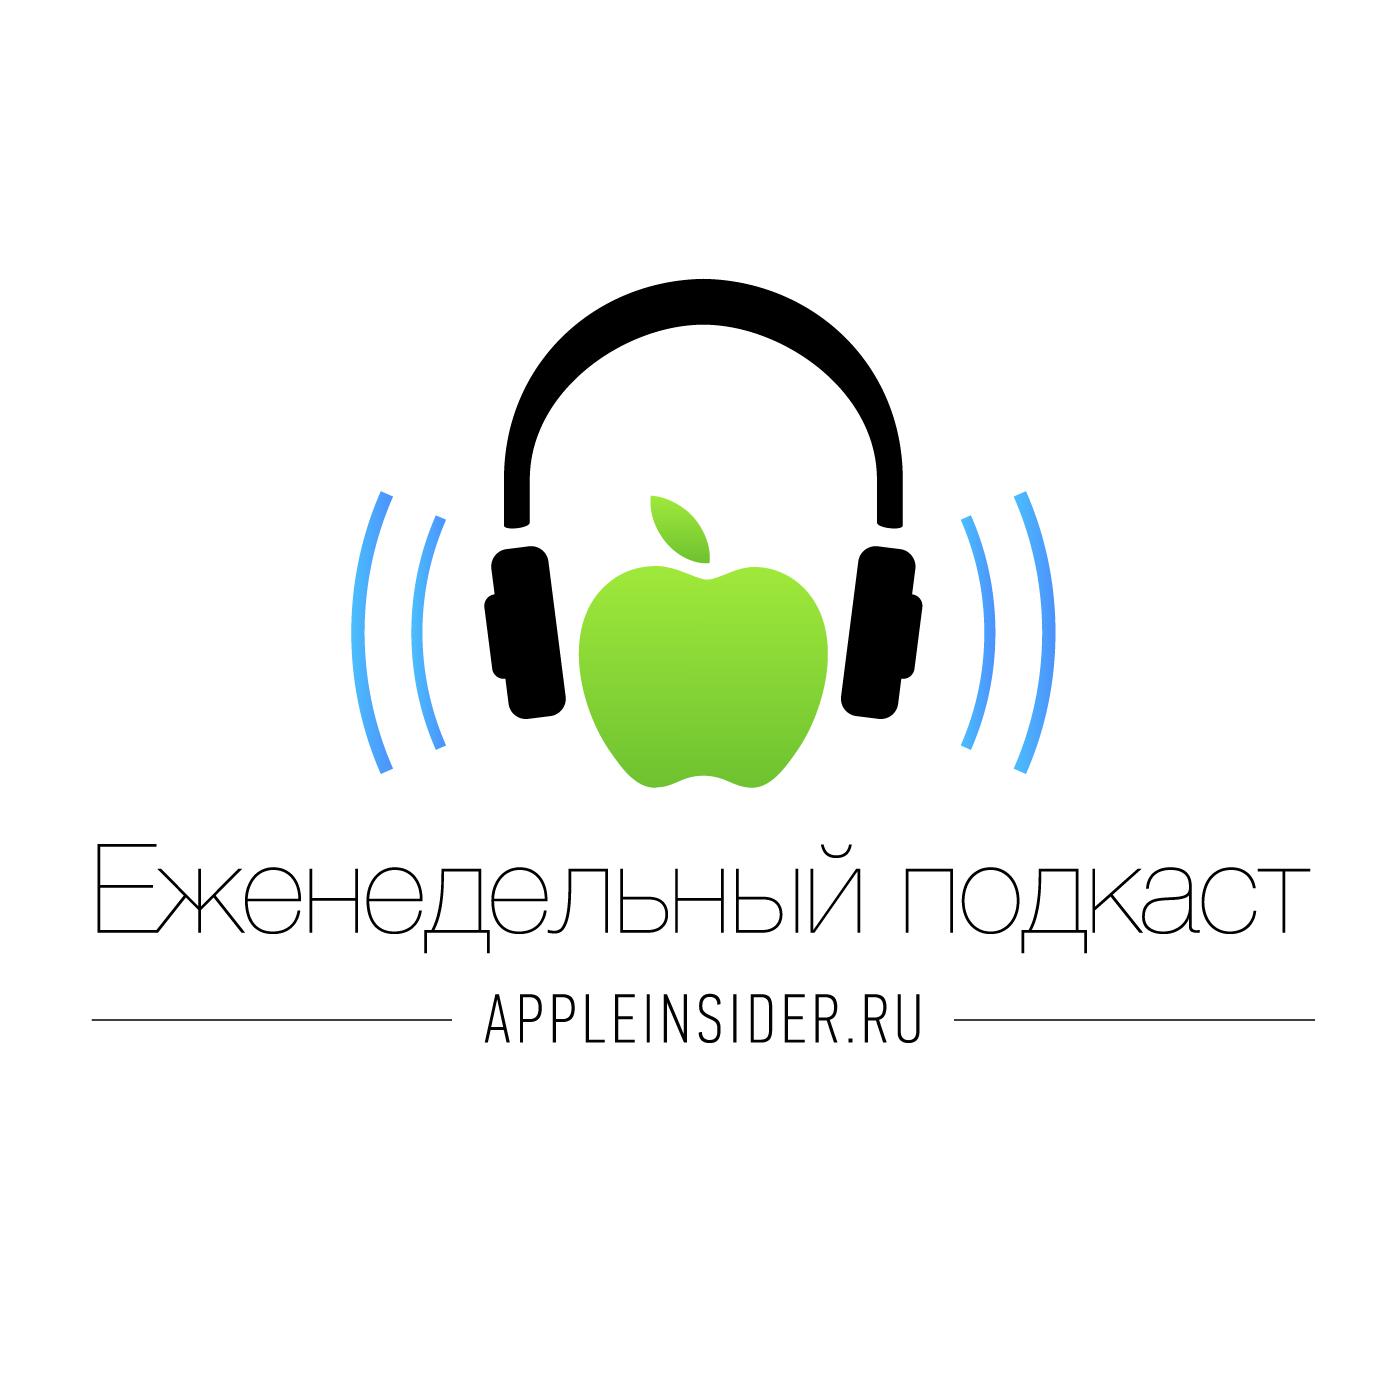 Миша Королев Личные впечатления от iPhone 7 (plus) миша королев впечатления от iphone se и ipad pro 2016